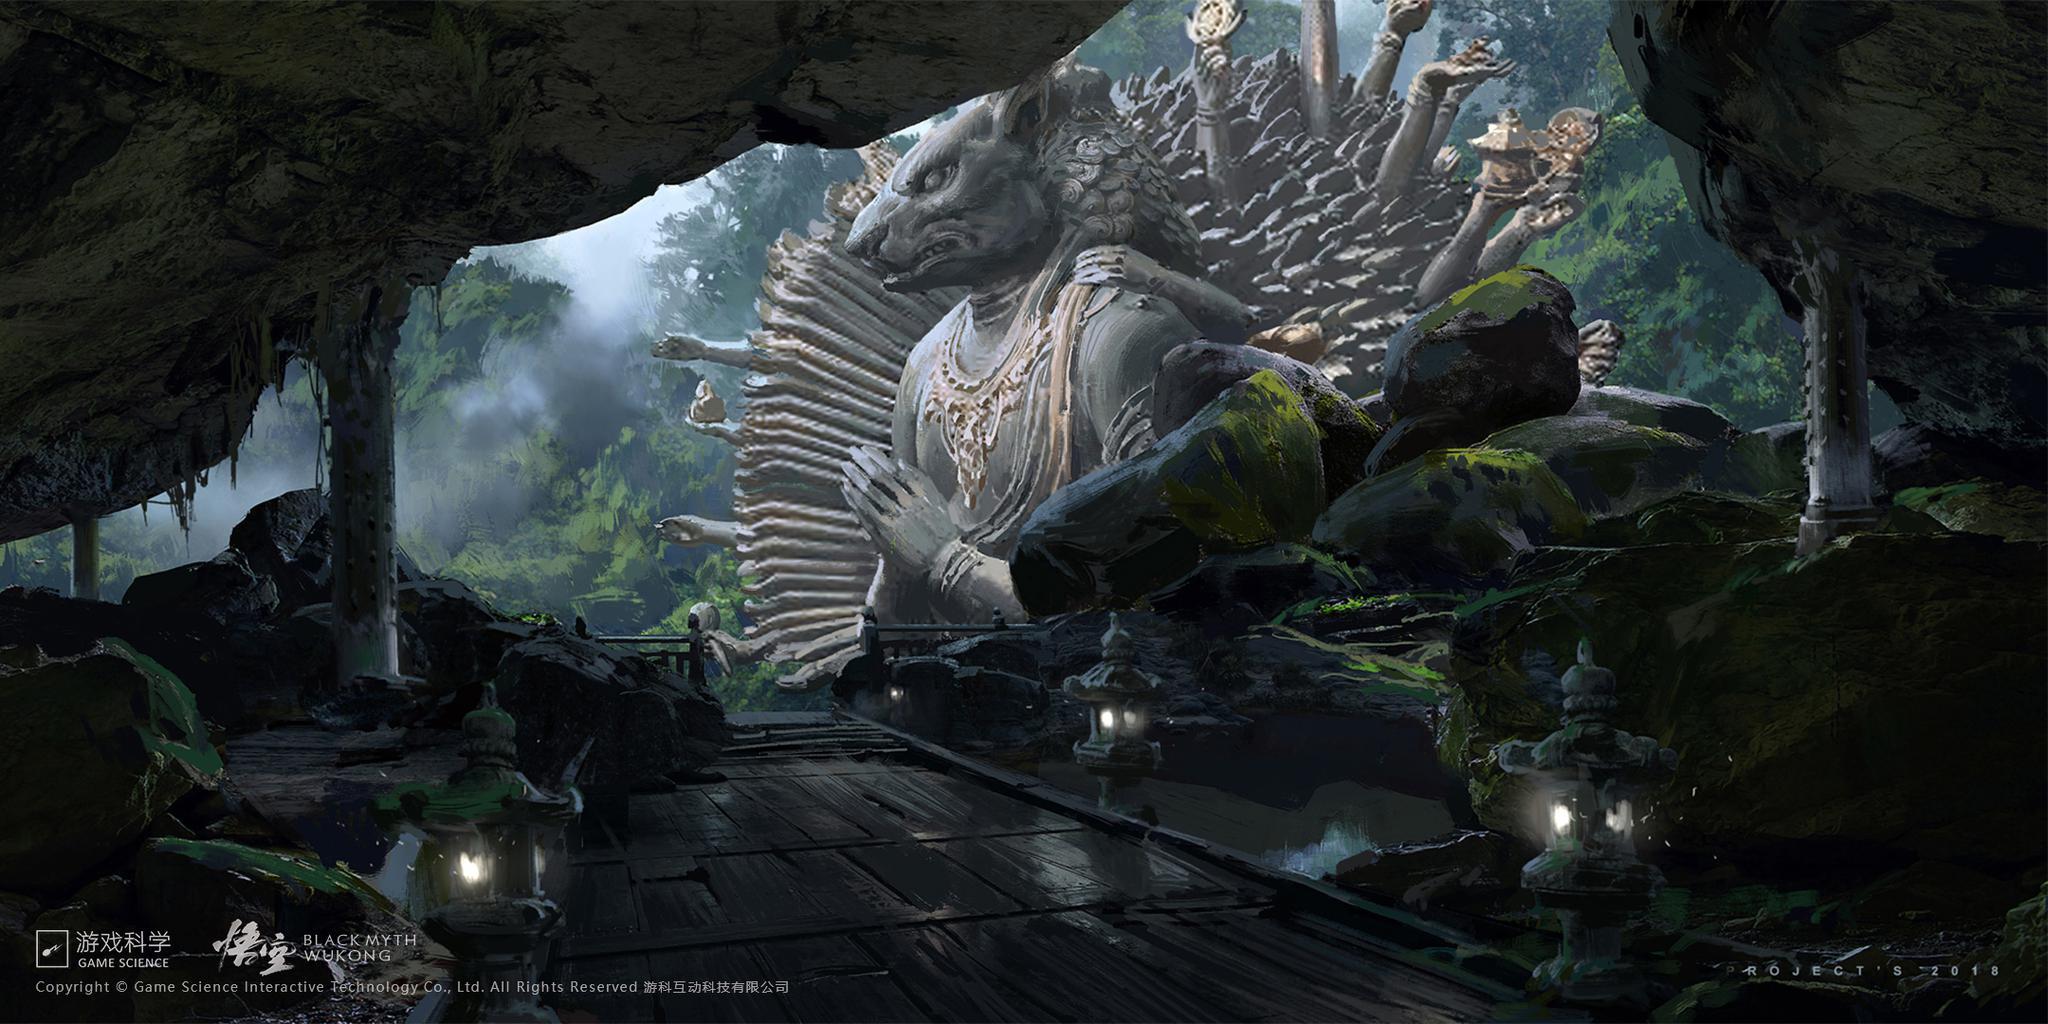 《黑神话:悟空》公开大量游戏截图 原《斗战神》